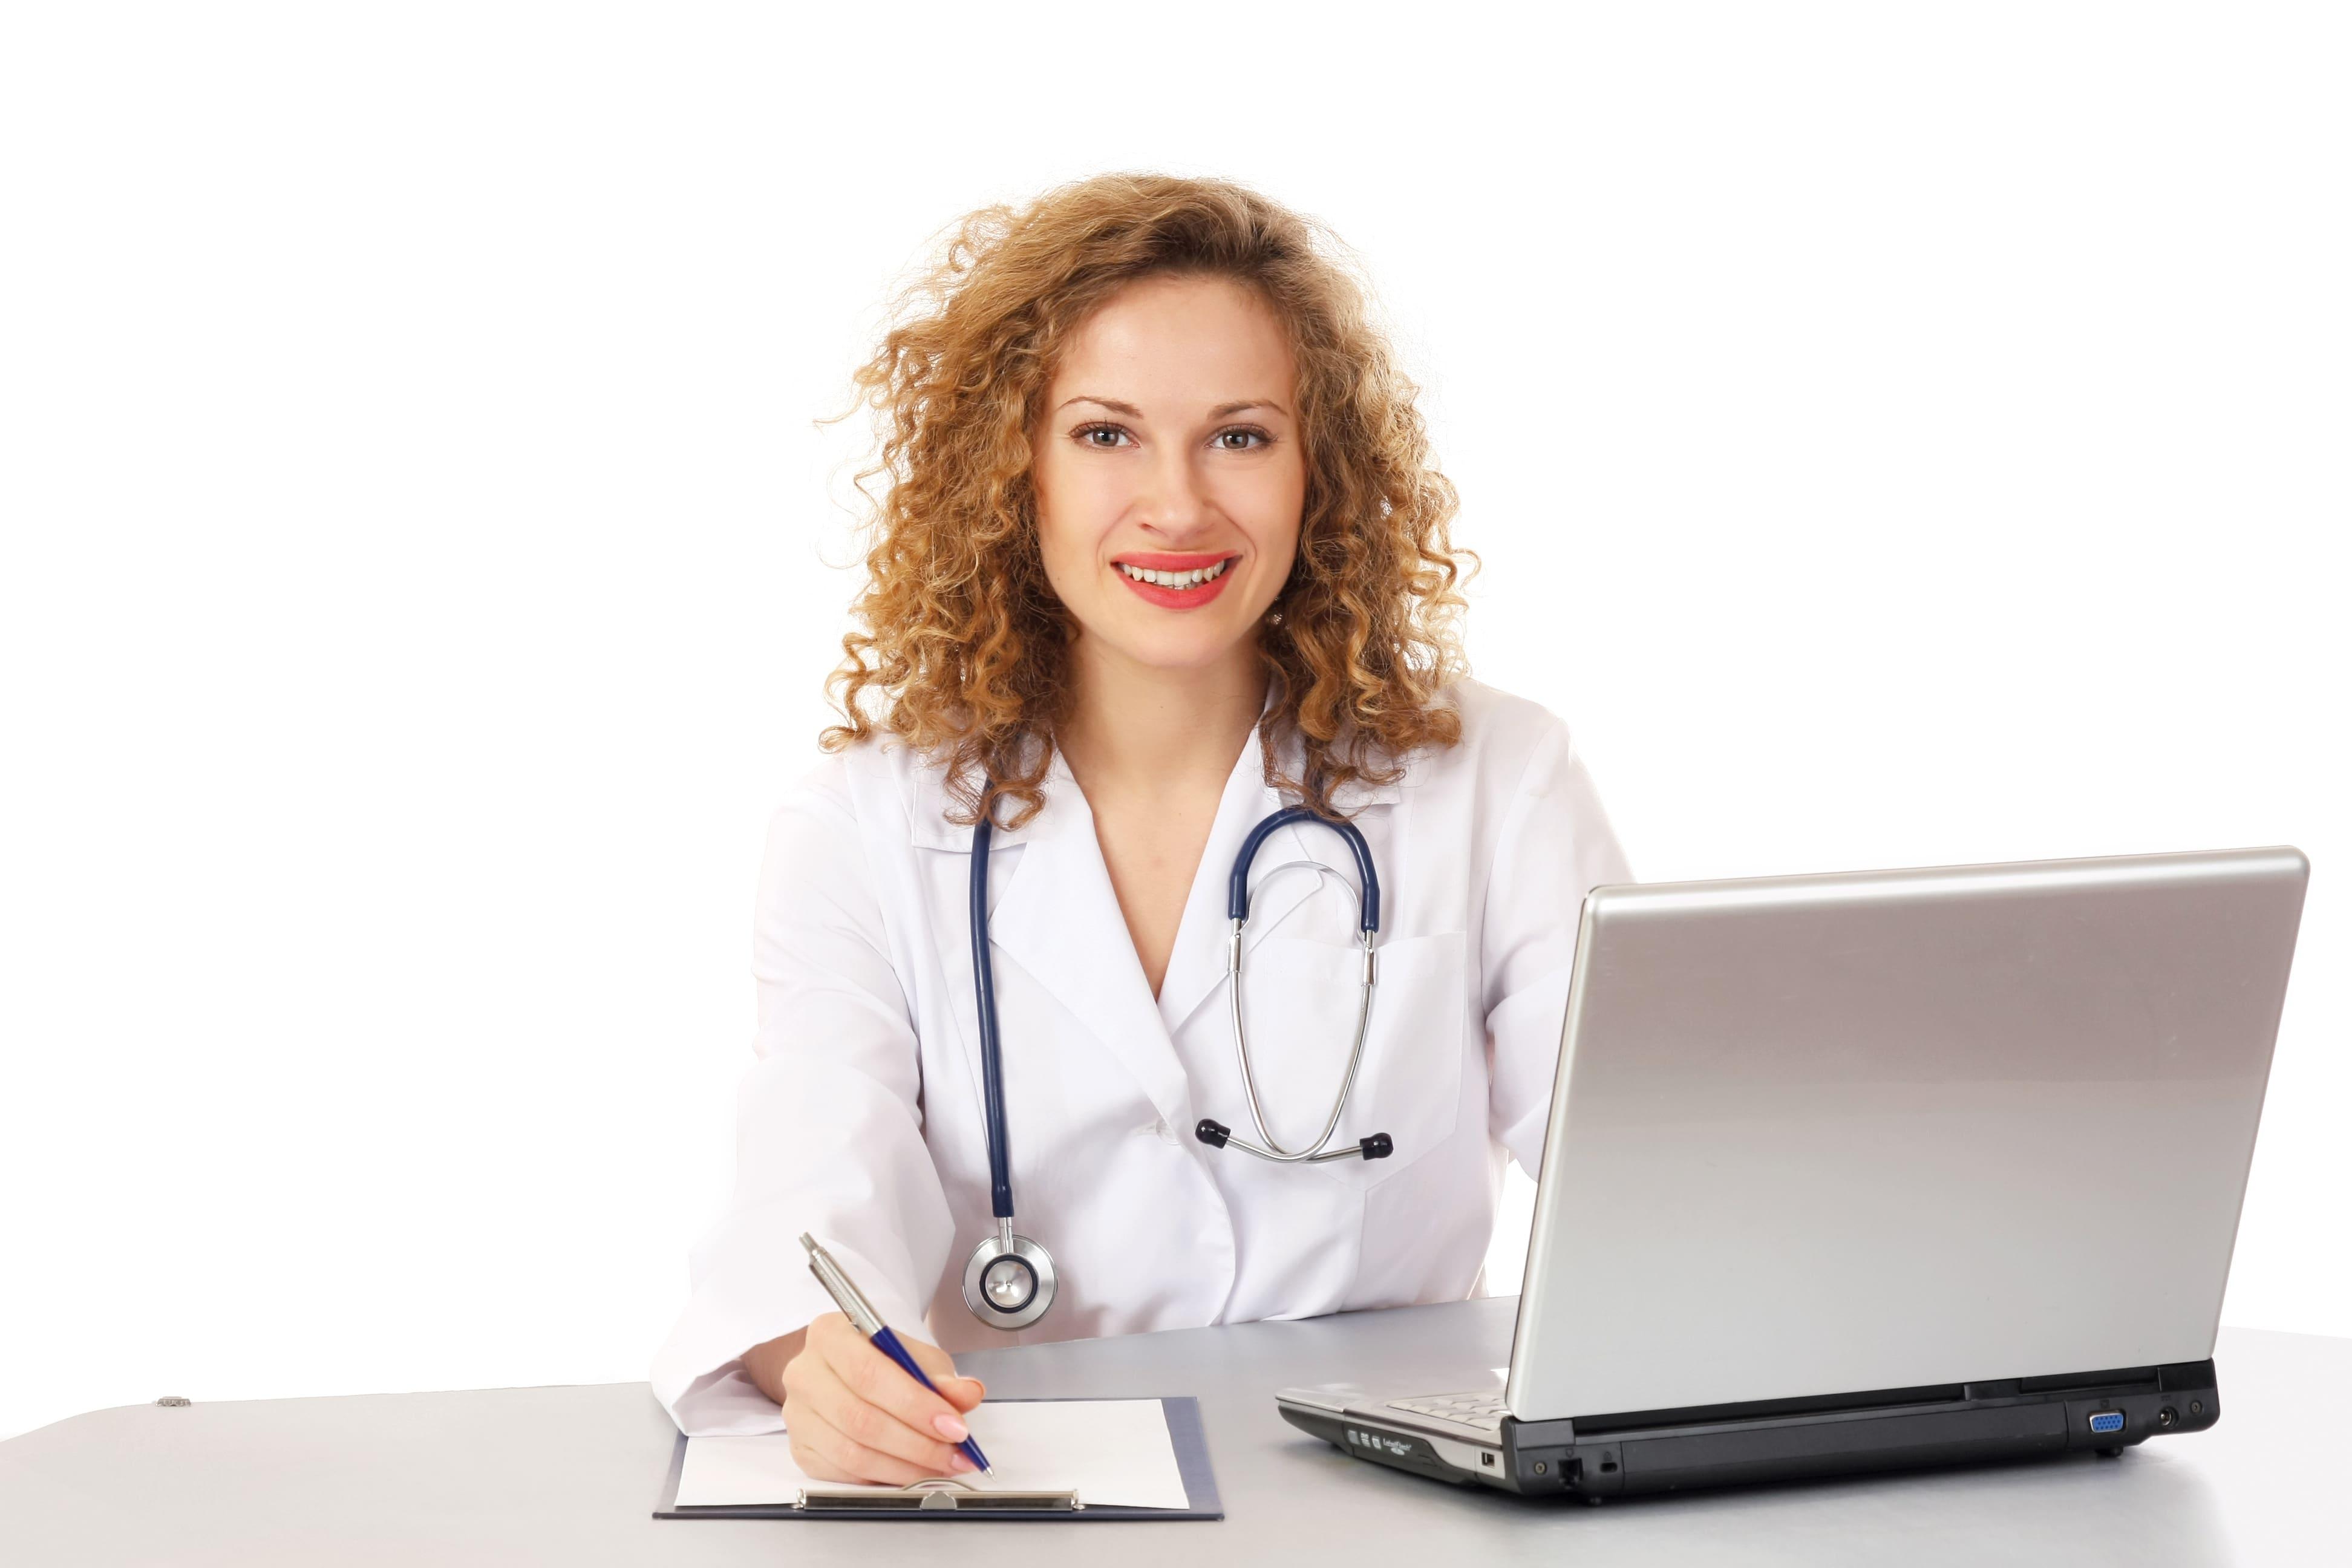 Woman doctor describing diagnosis